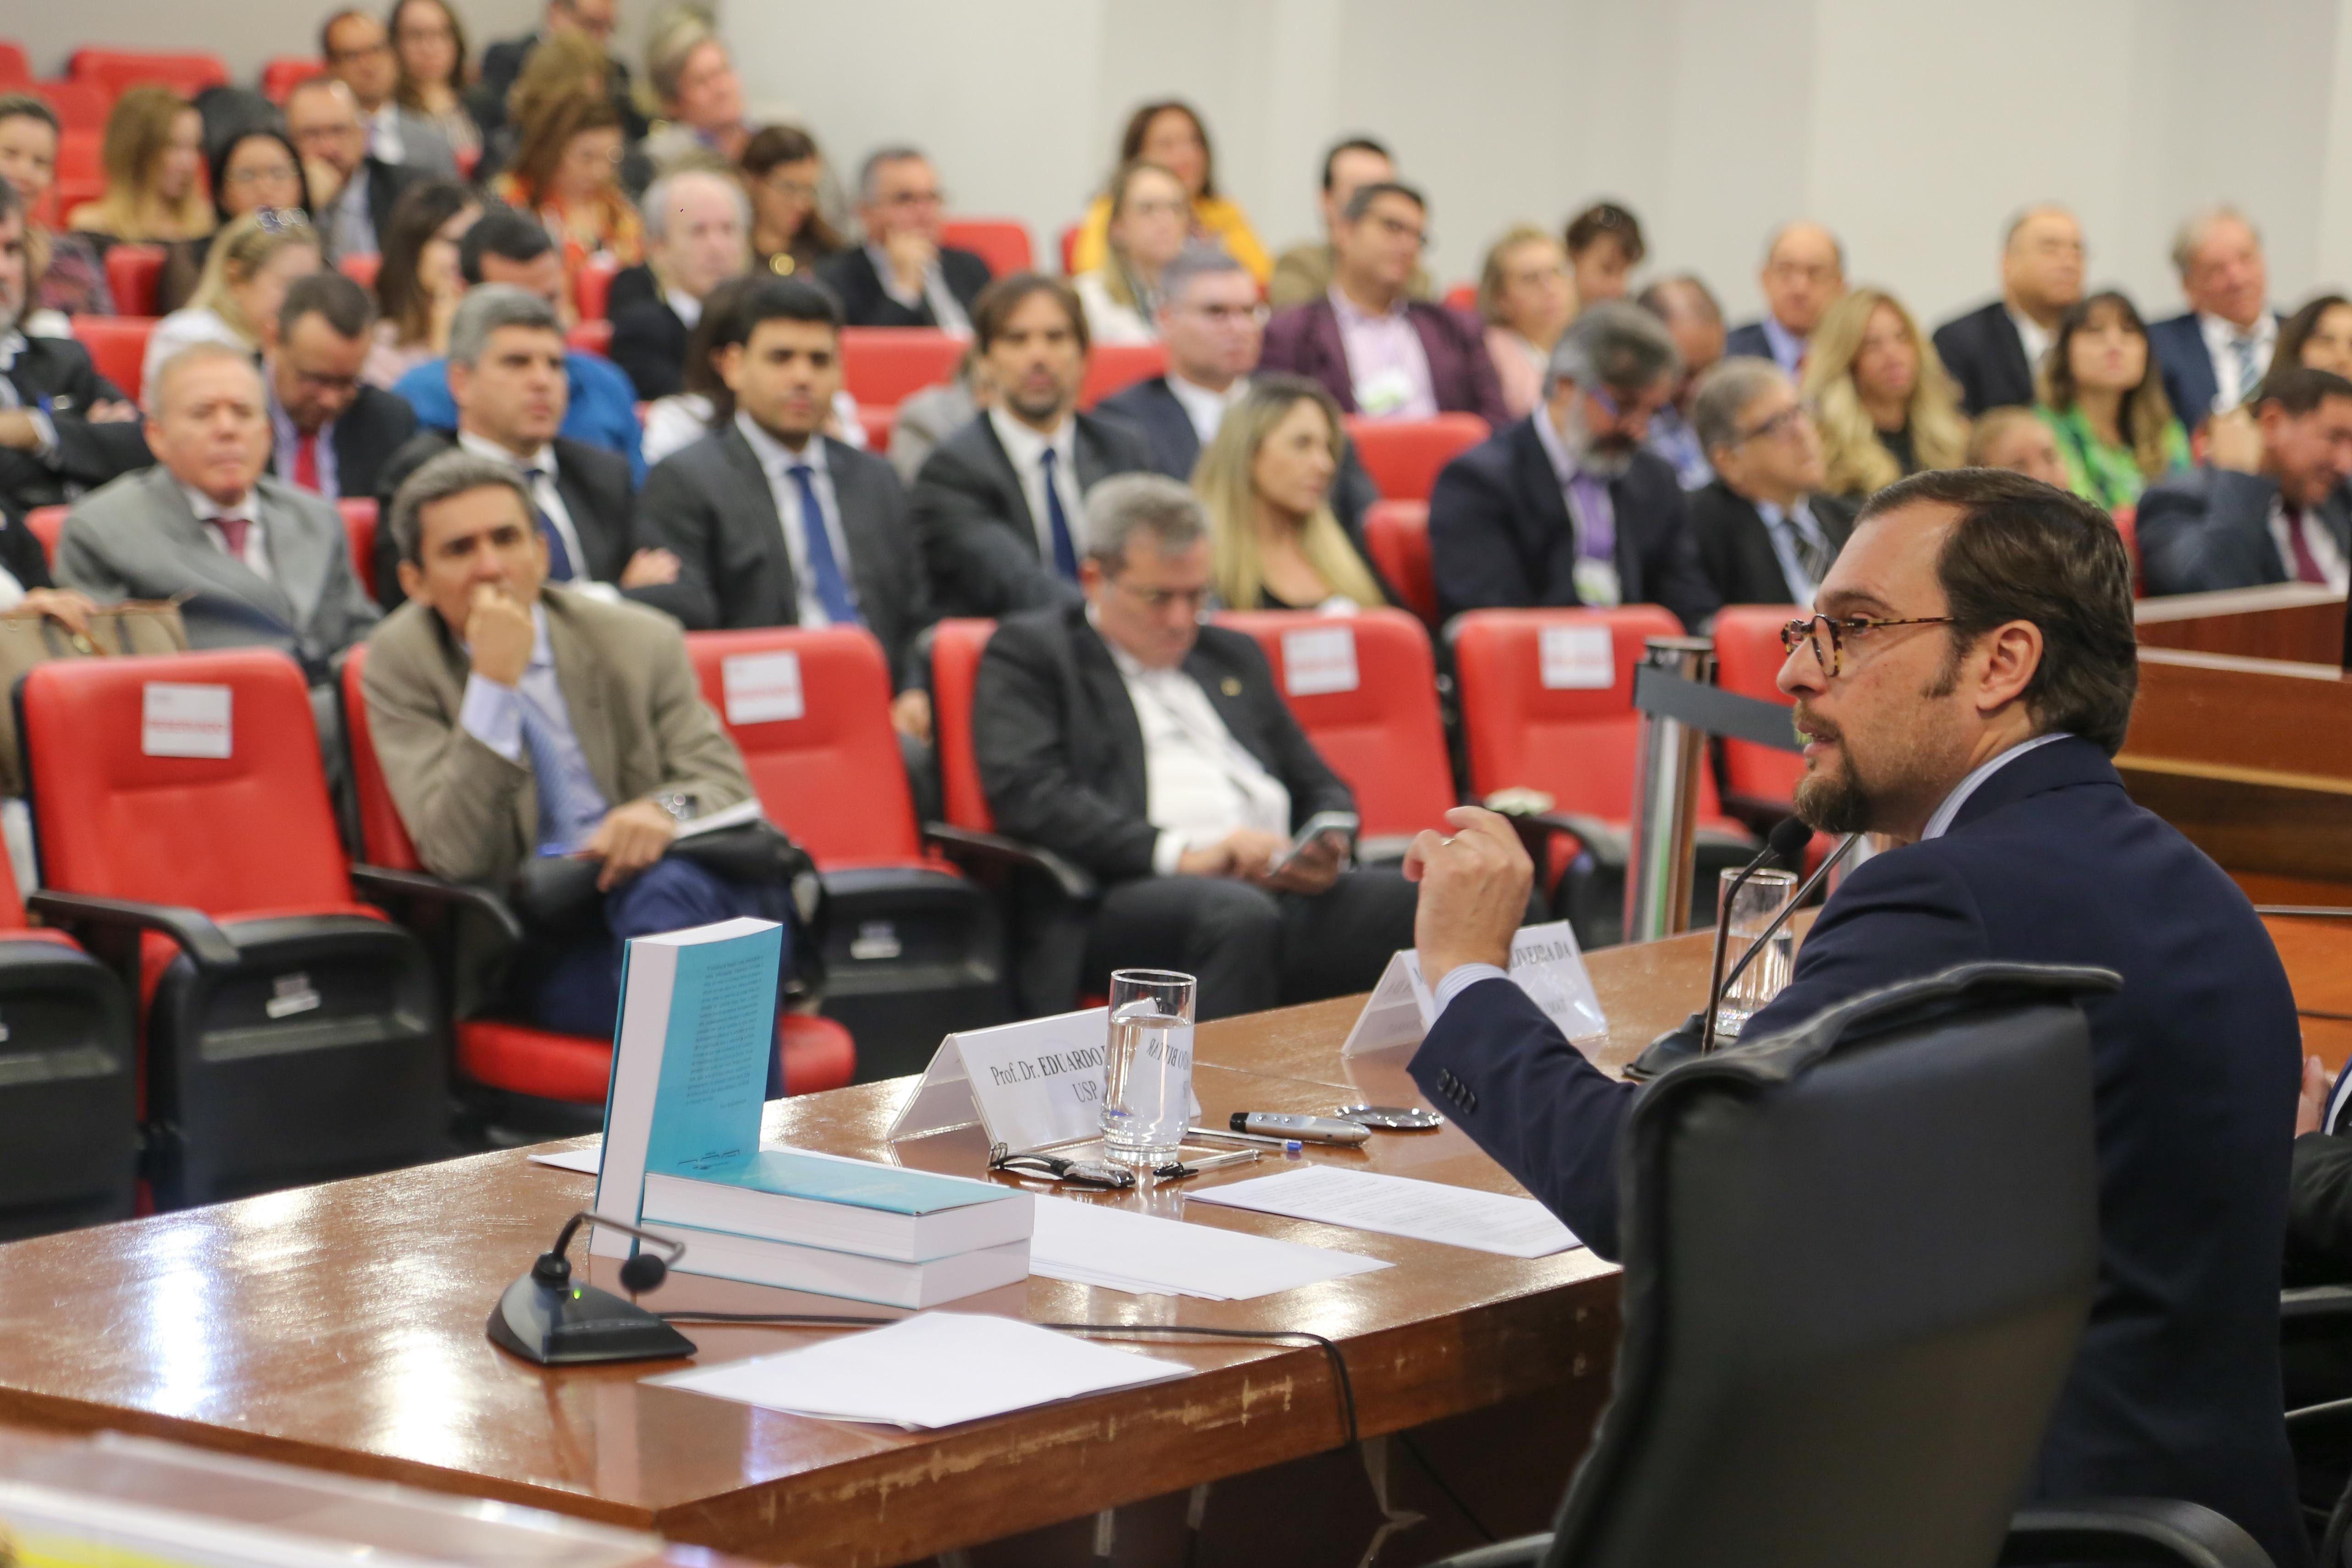 O professor doutor Eduardo Bittara falou sobre as implicações do ambiente digital, especialmente das redes sociais, sobre a atividade jurisdicional.